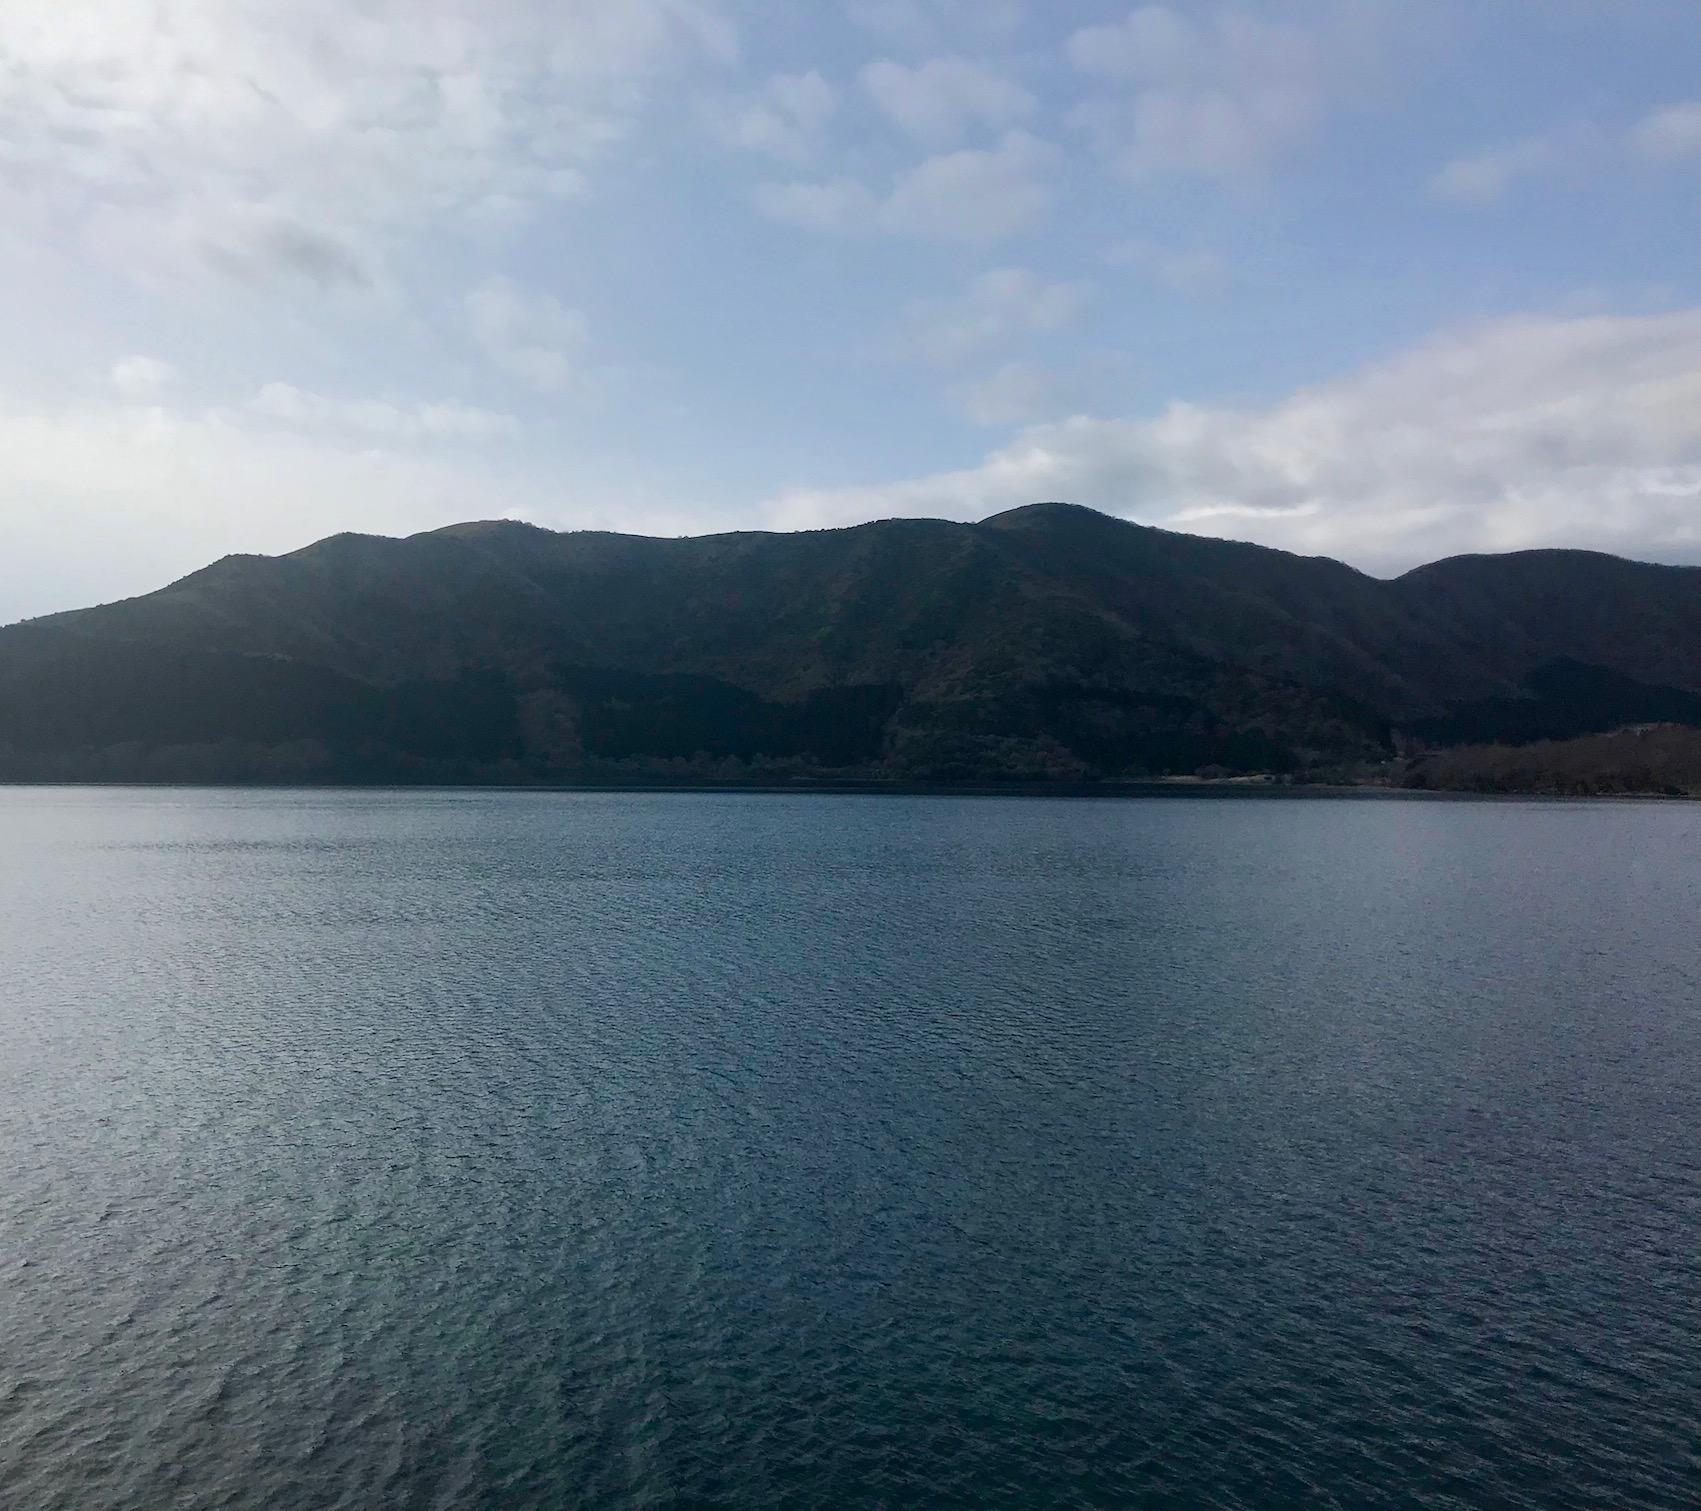 Ashinoko Lake Japan.